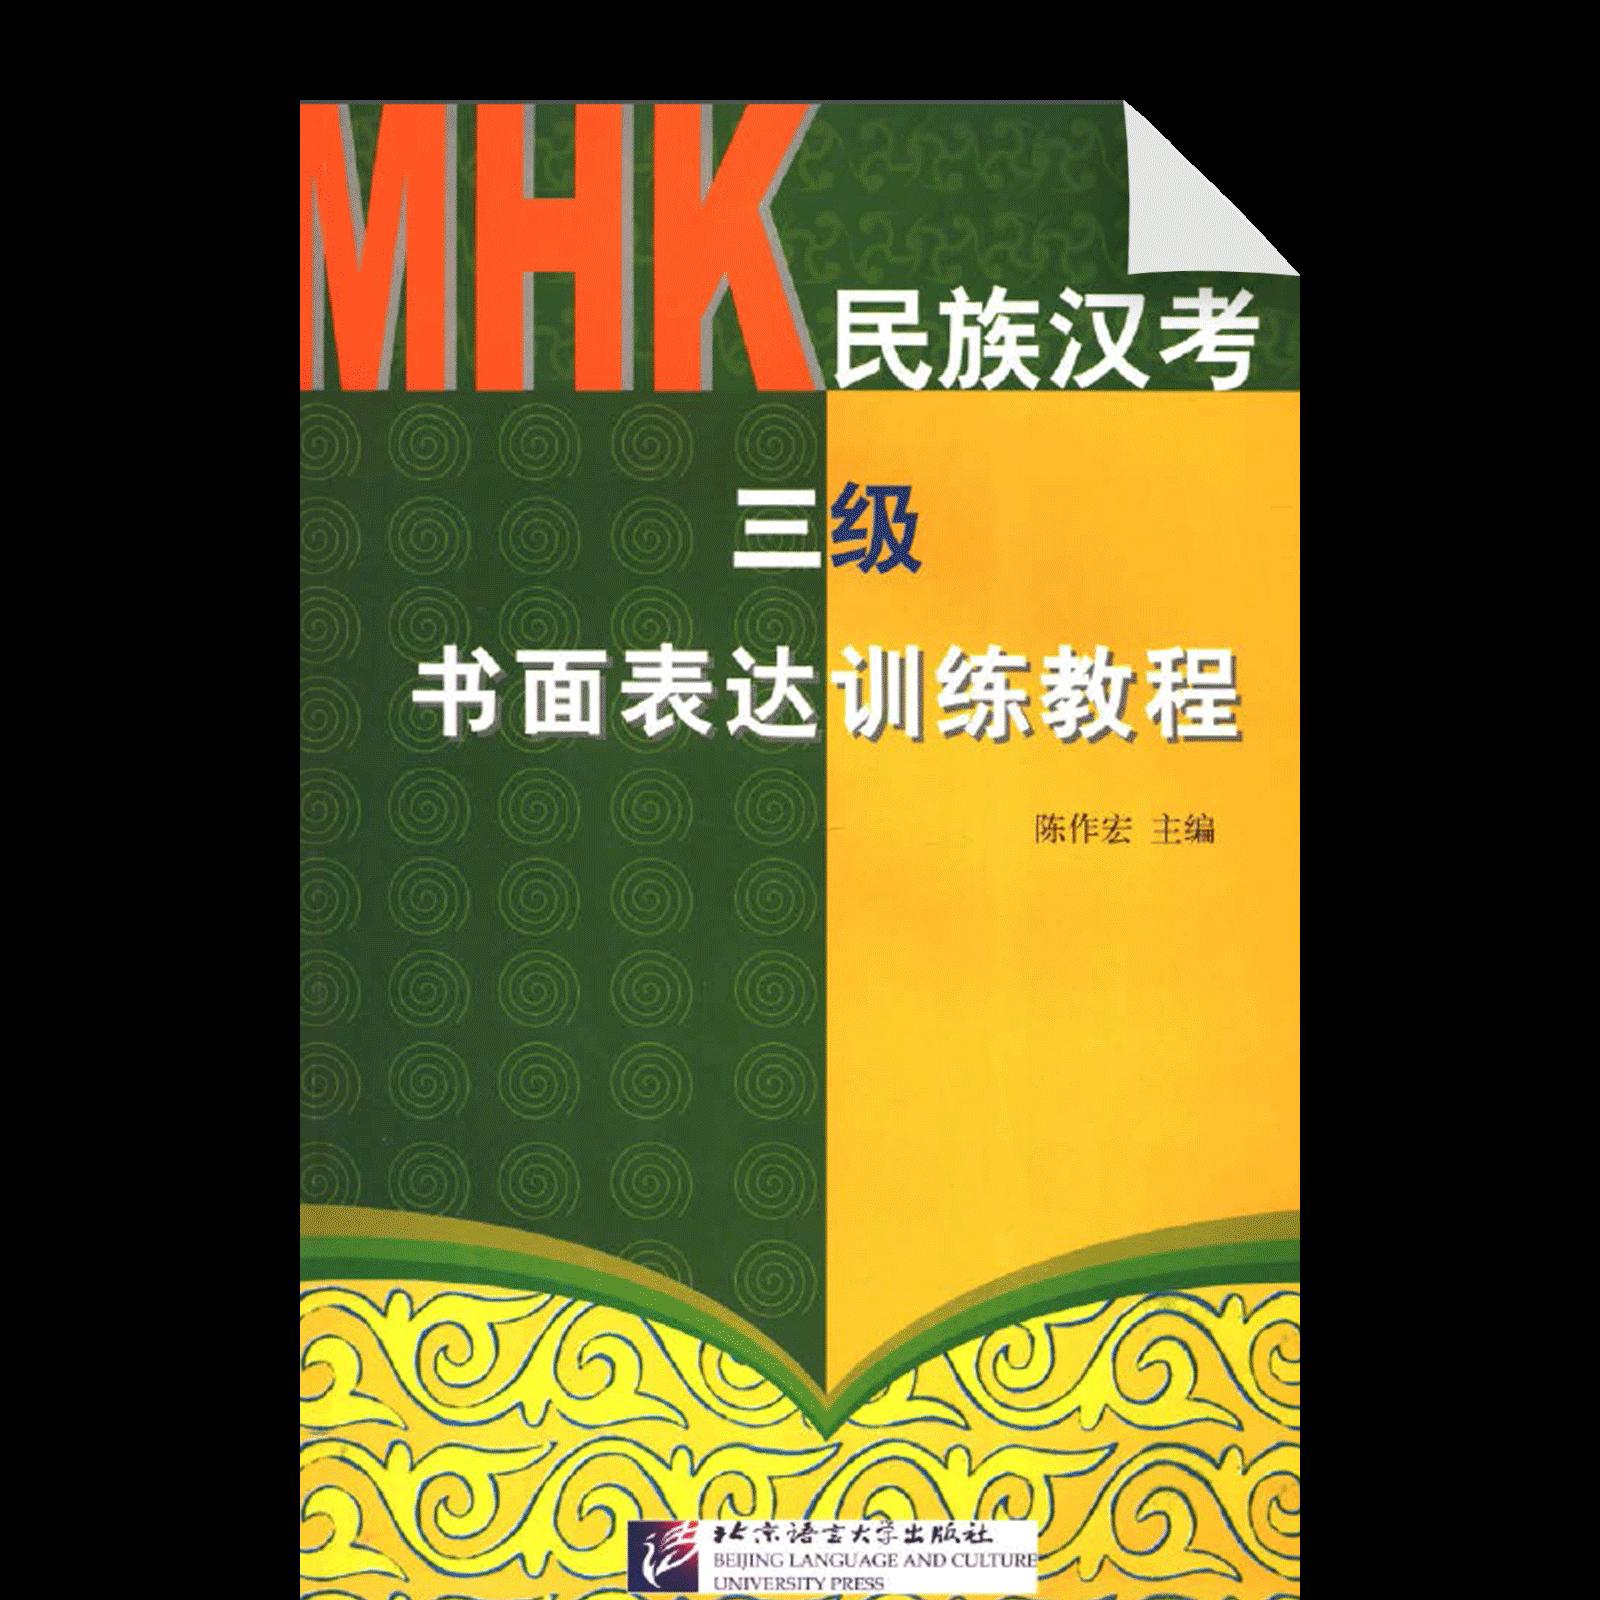 Mhk Minzu Hankao 3Ji Shumian Biaoda Shunlian Jiaocheng